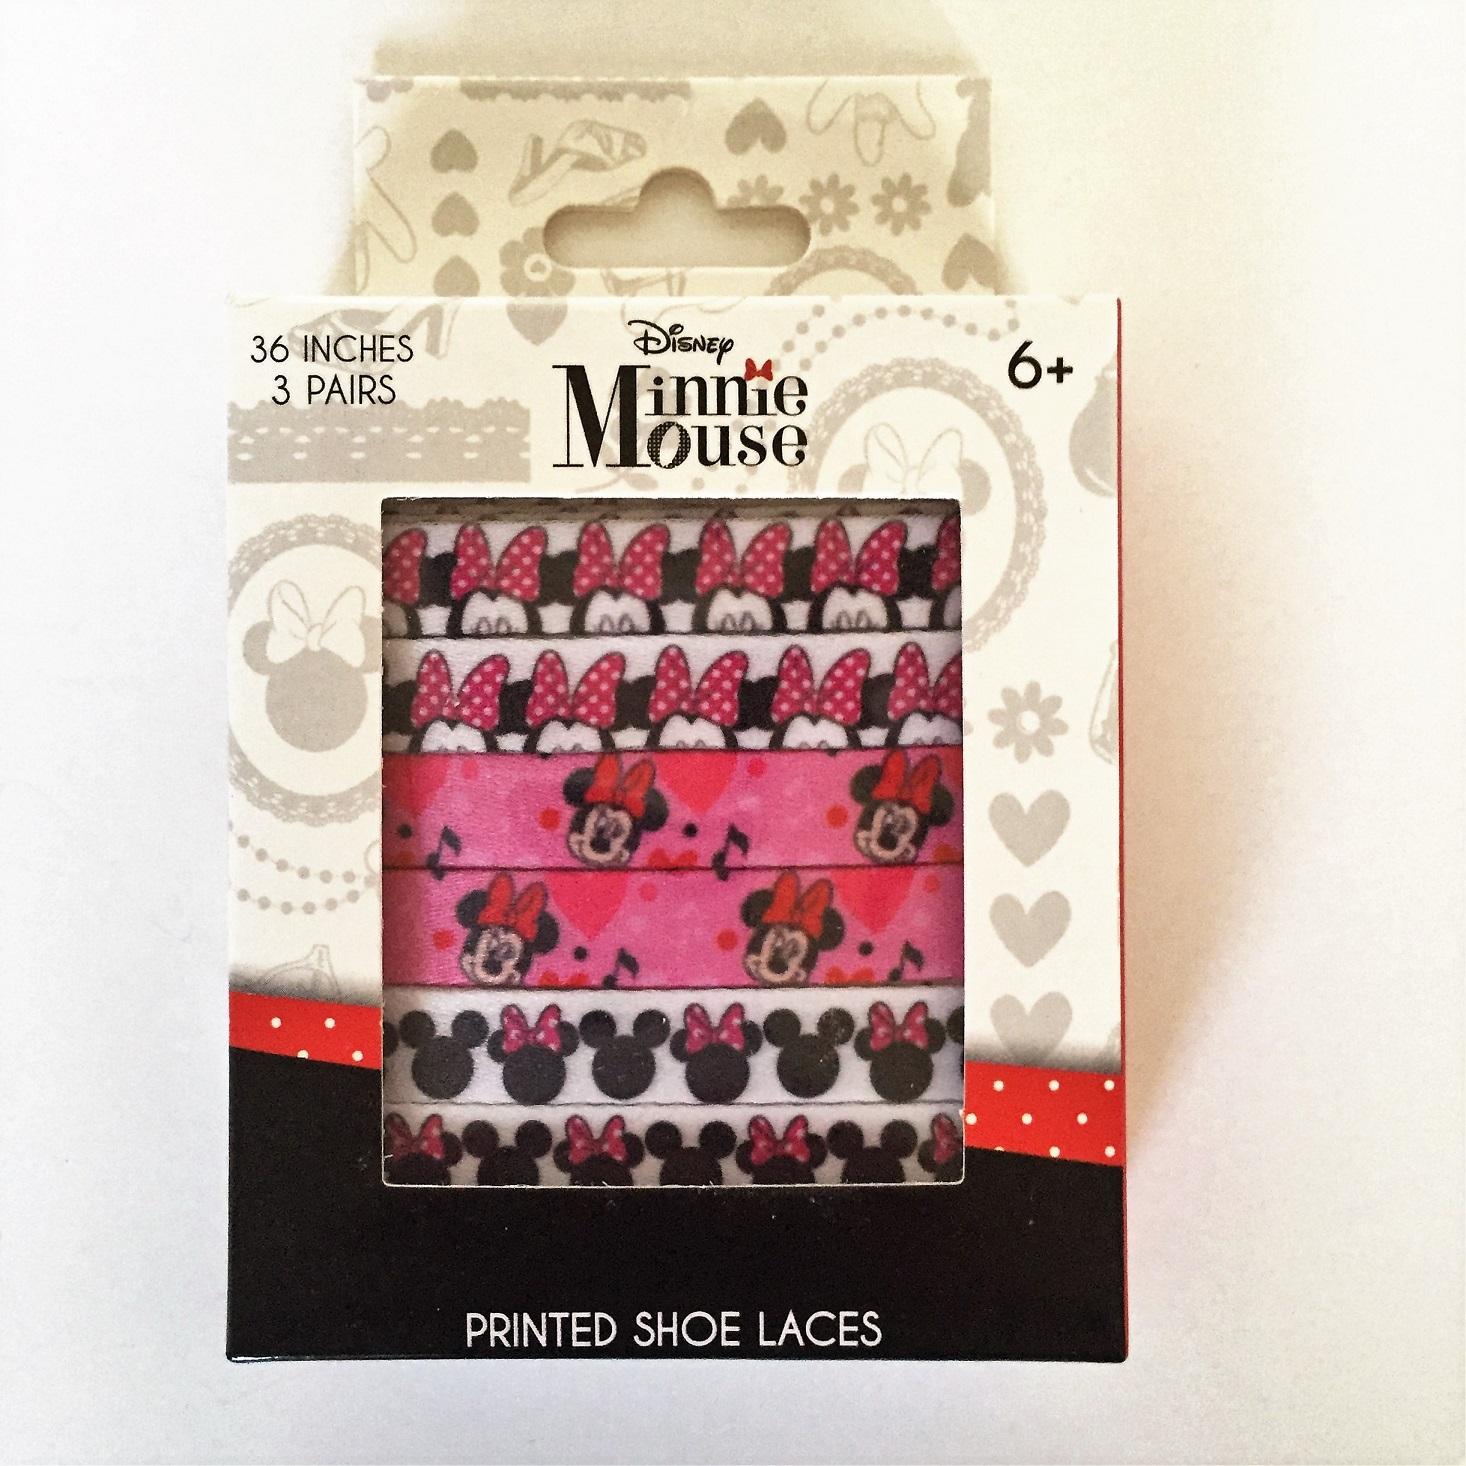 Minnie Mouse shoe laces